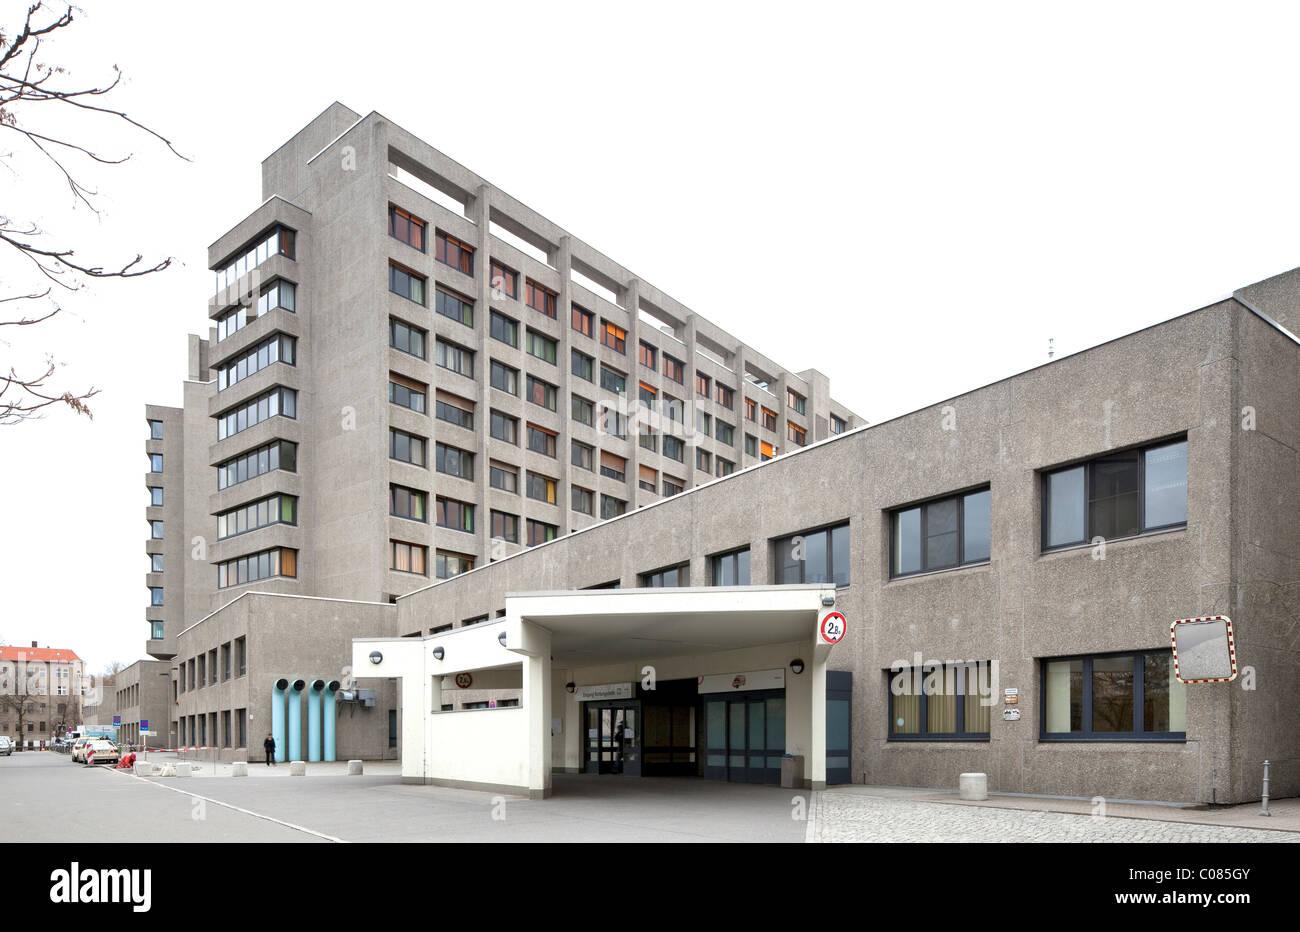 Krankenhaus am Urban Krankenhaus, Kreuzberg, Berlin, Deutschland, Europa Stockbild